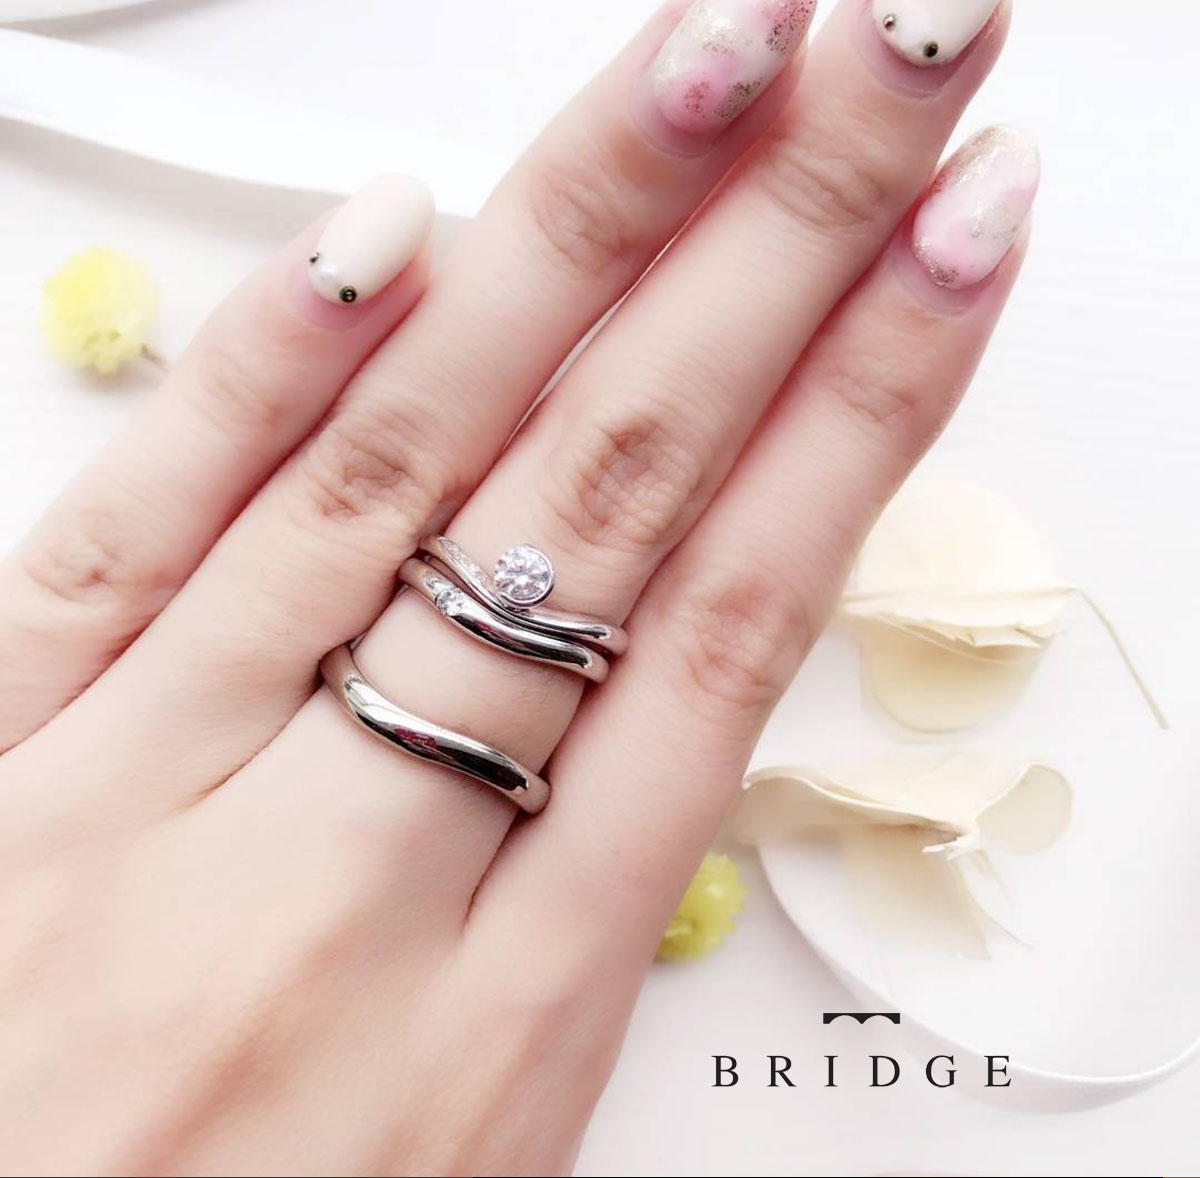 プラチナの磨き込まれた美しさがダイヤモンドを引き立たせるV字ラインの個性的な婚約指輪